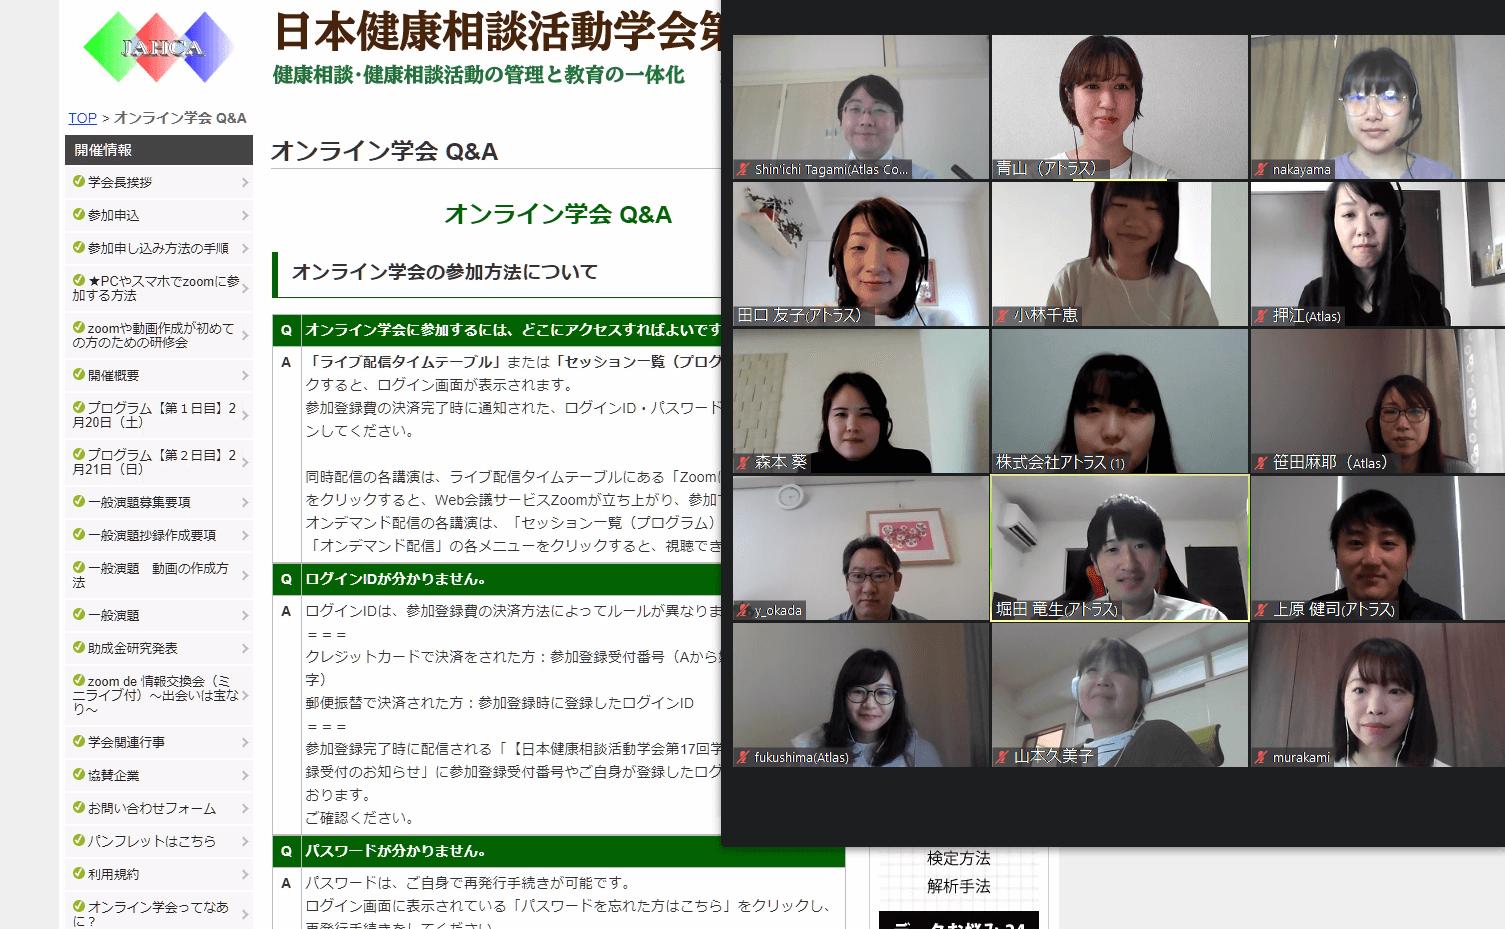 オンライン開催勉強会の様子。大会サイトとZoomの画面が映っている